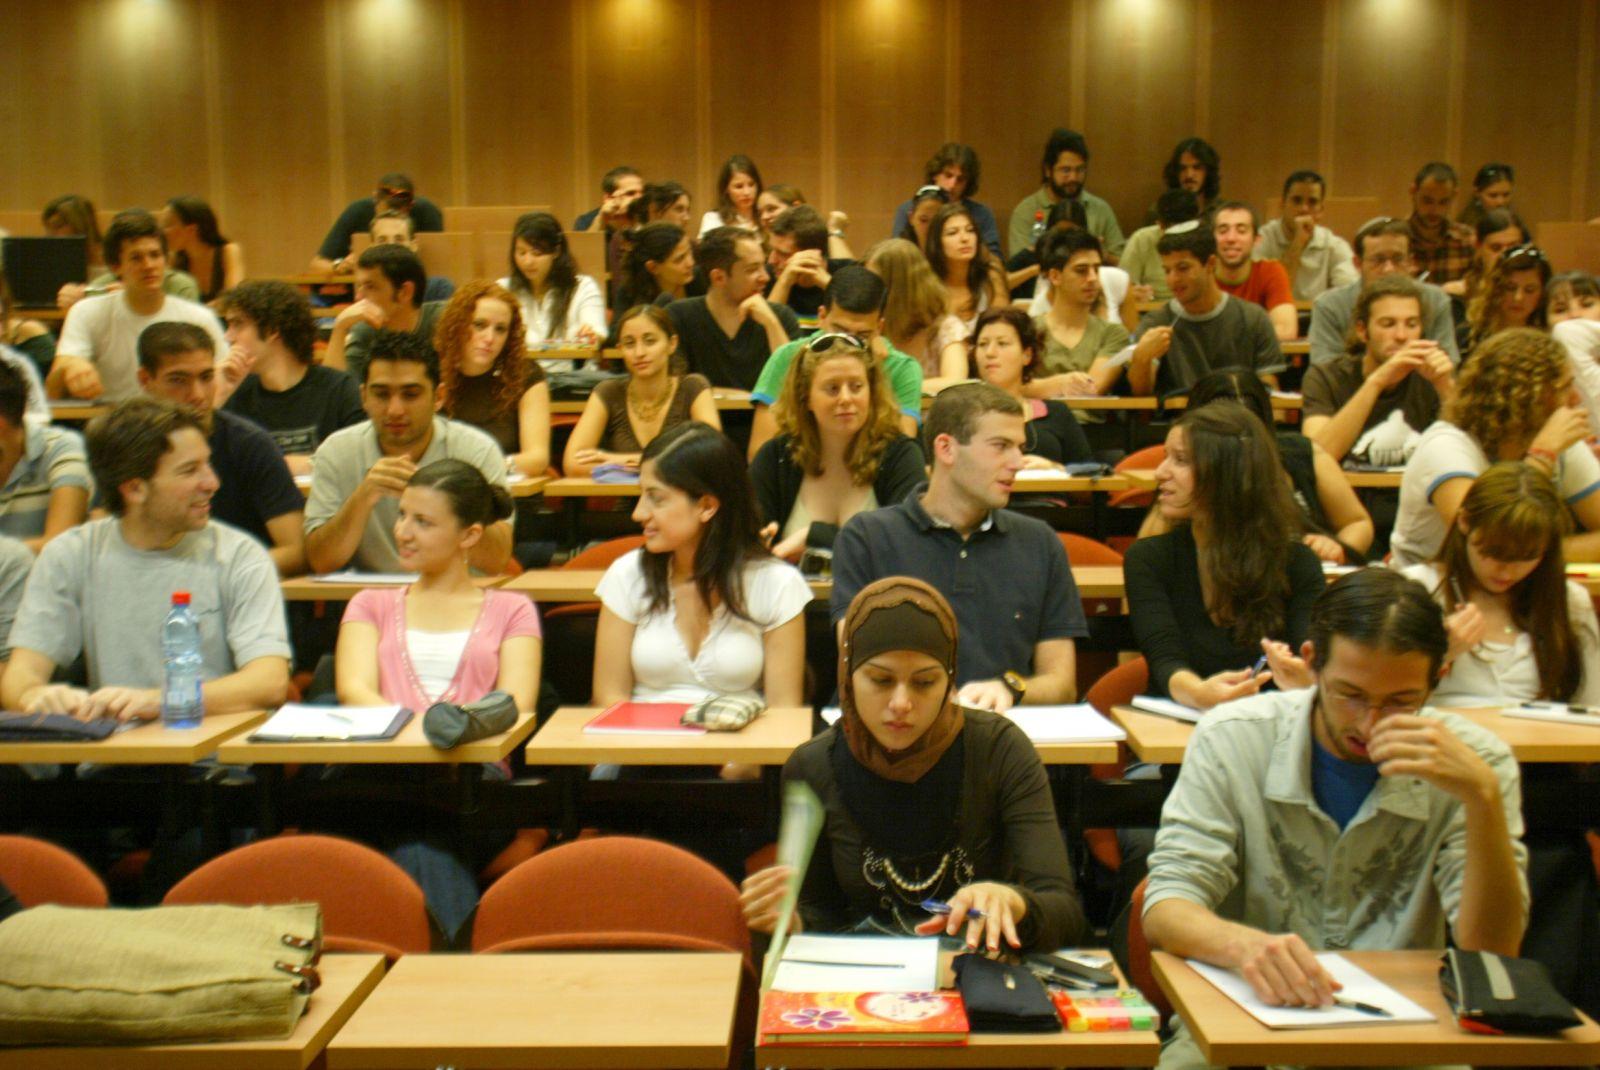 (جديد) تدويل التعليم العالي: دراسات في حراك الطلاب العرب من اسرائيل خارج البلاد